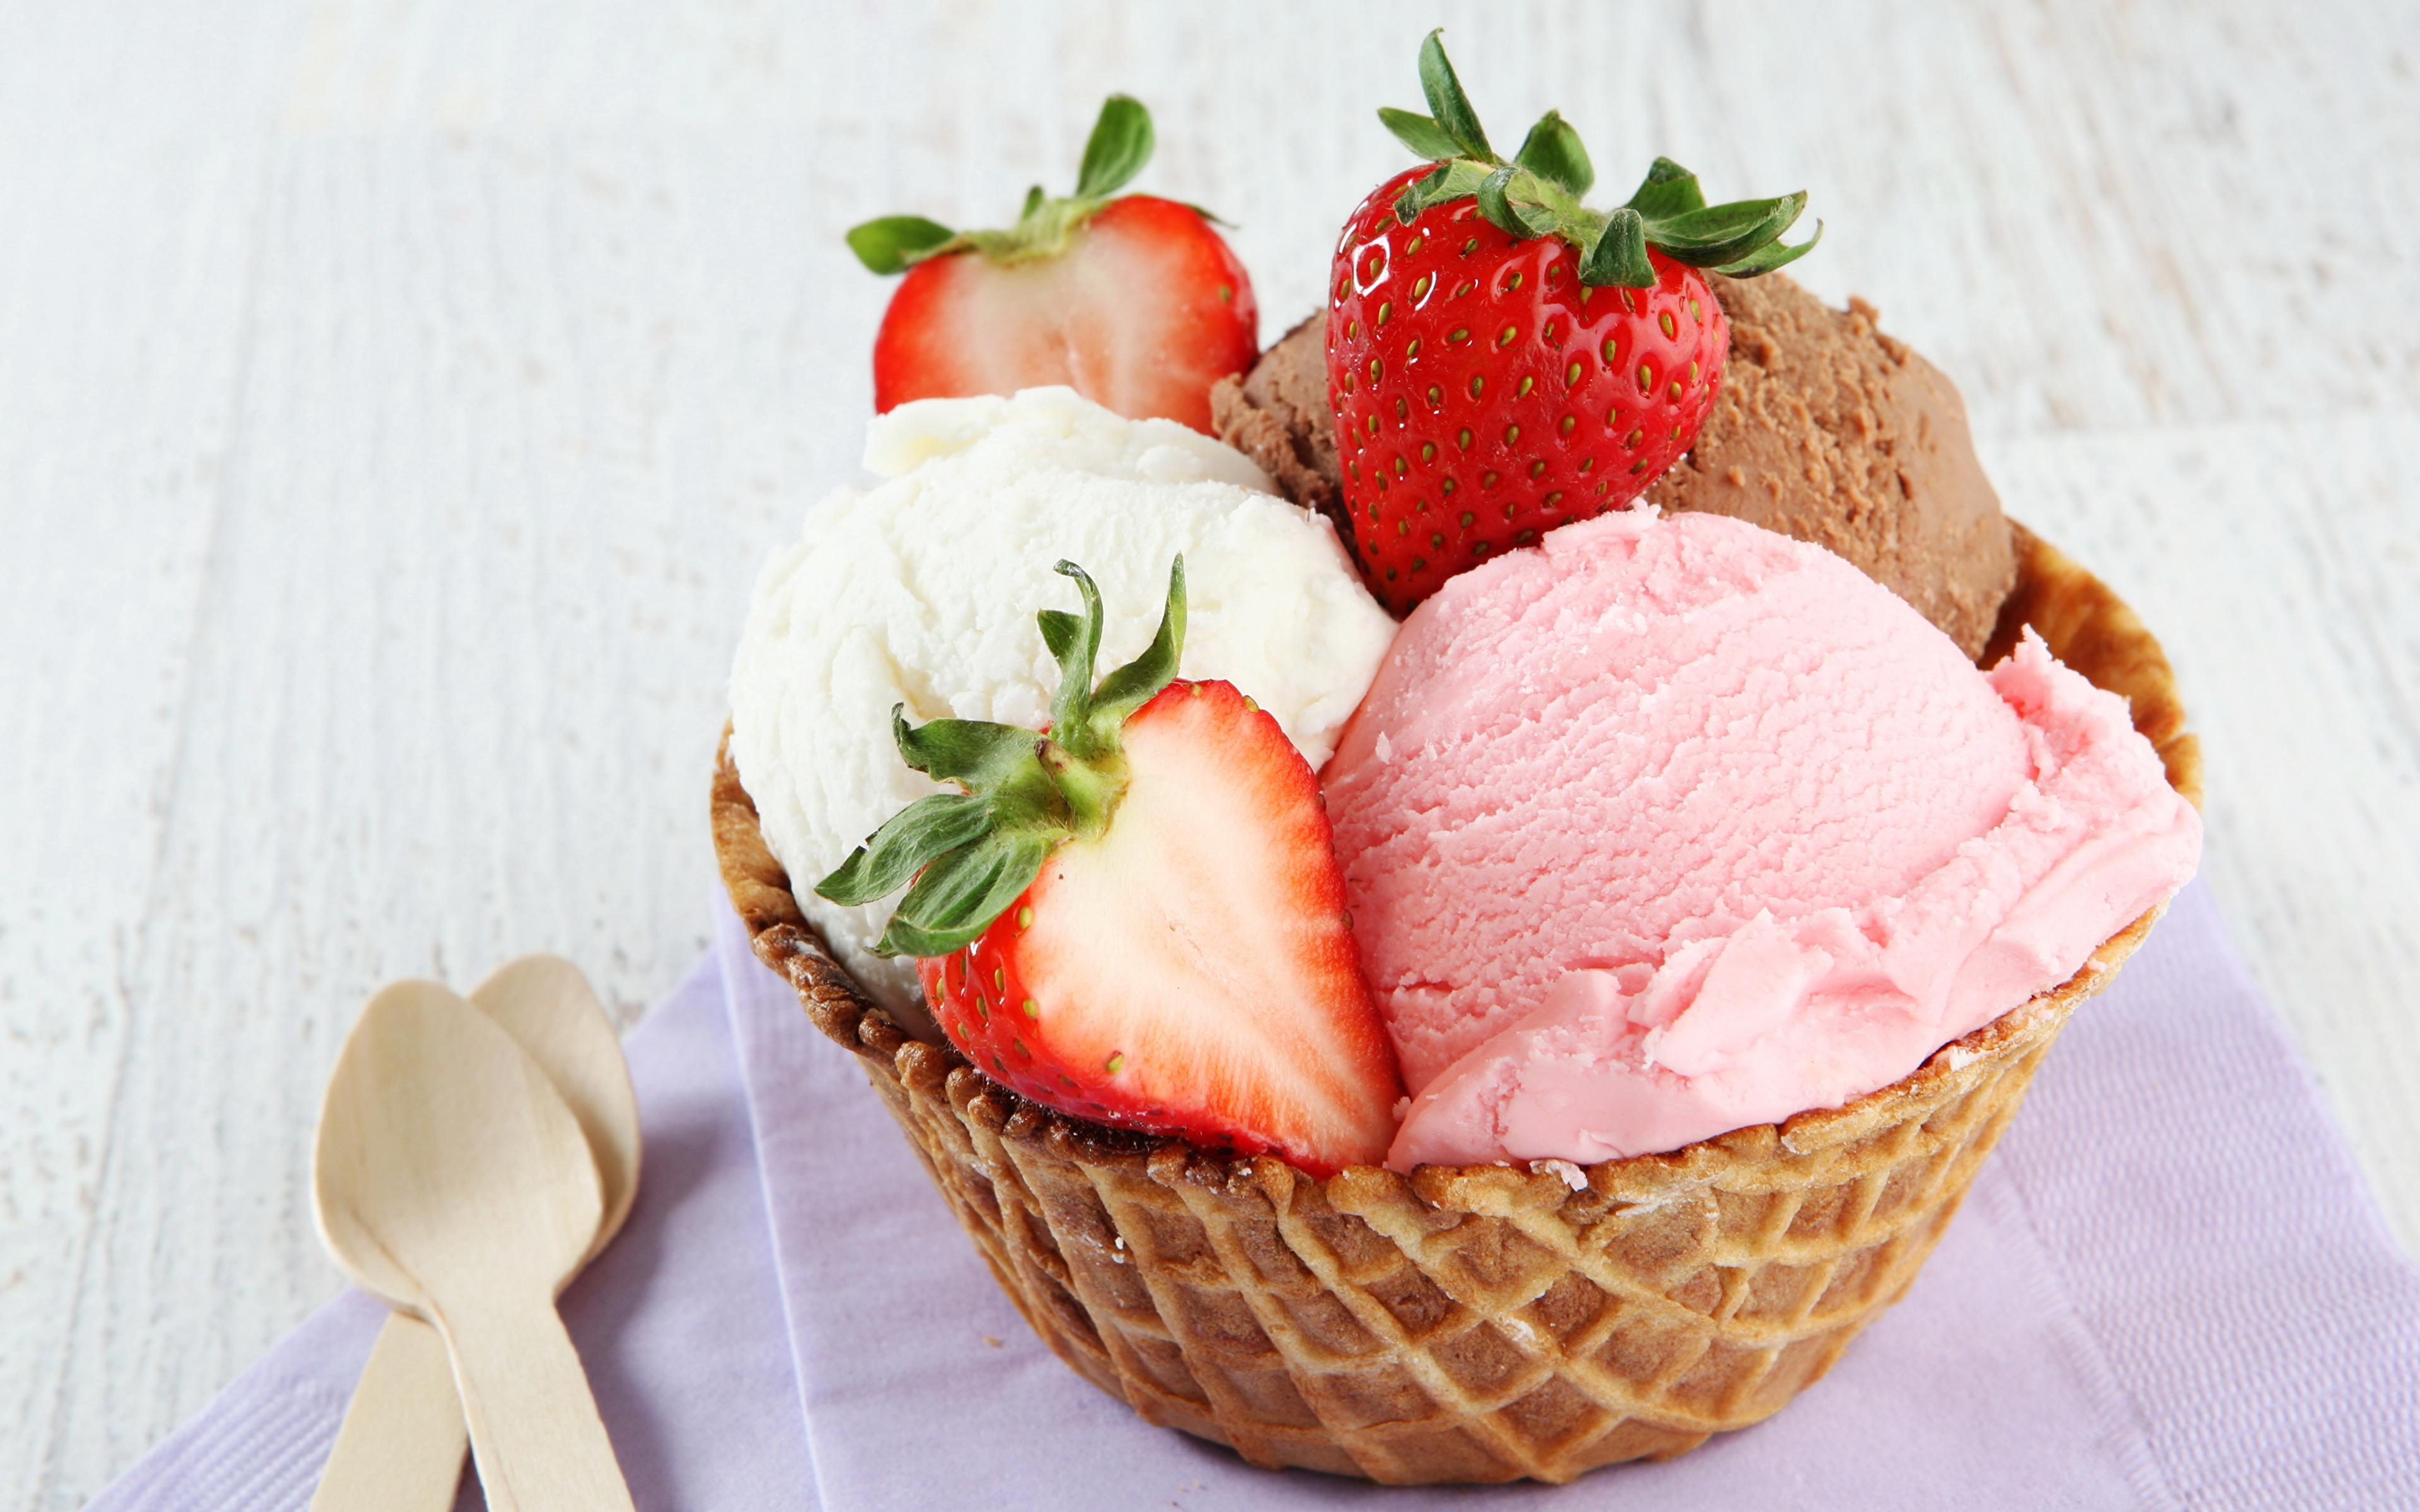 мороженое клубника шарики ice cream strawberry balls  № 2145078 бесплатно